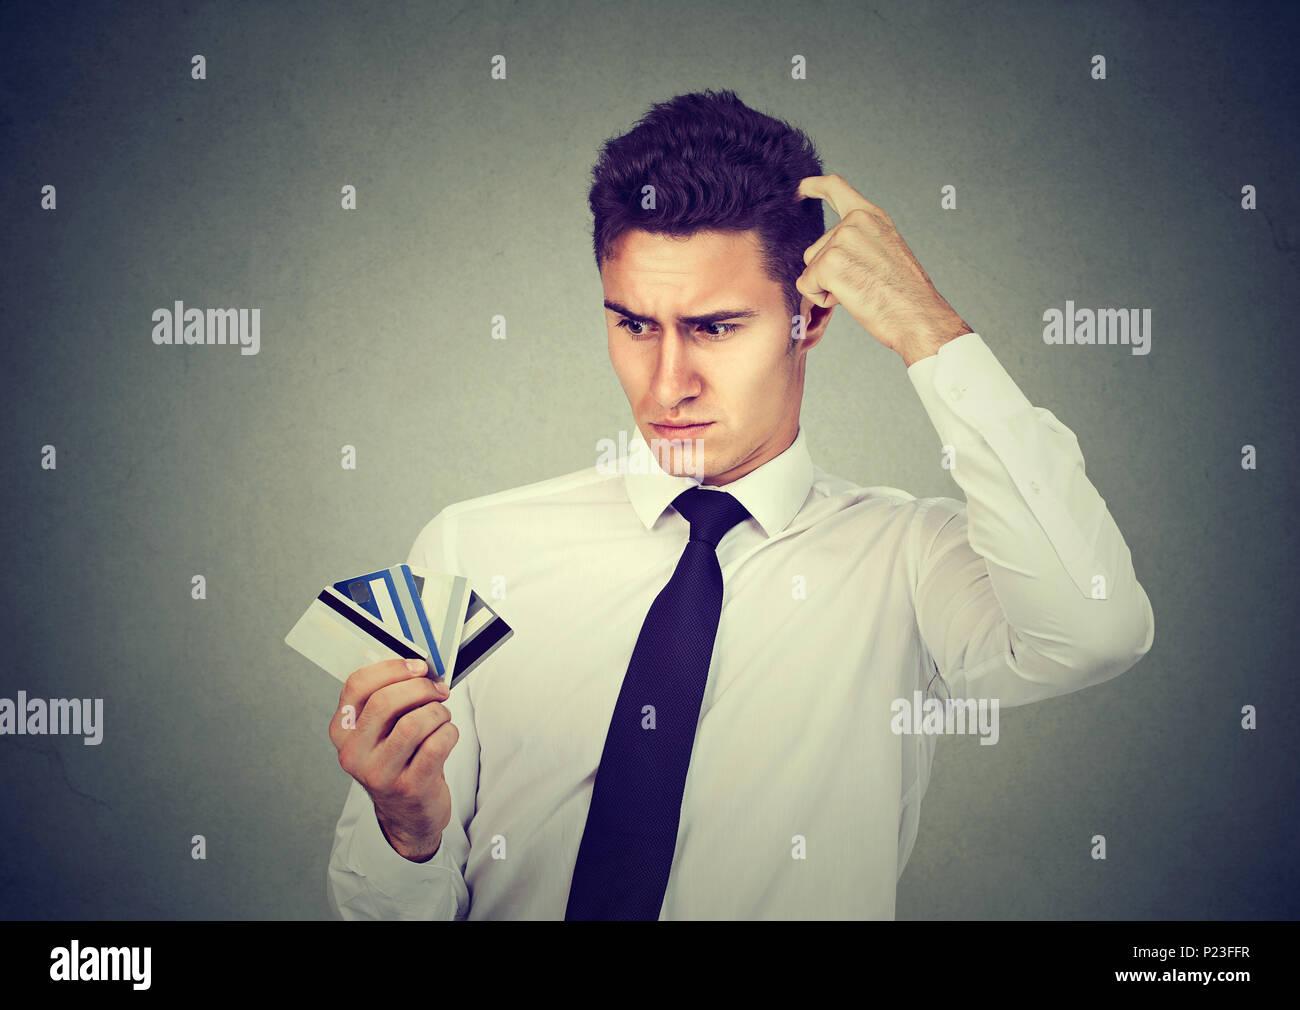 L'homme confus de nombreuses cartes de crédit incertain lequel choisir isolé sur fond gris Photo Stock